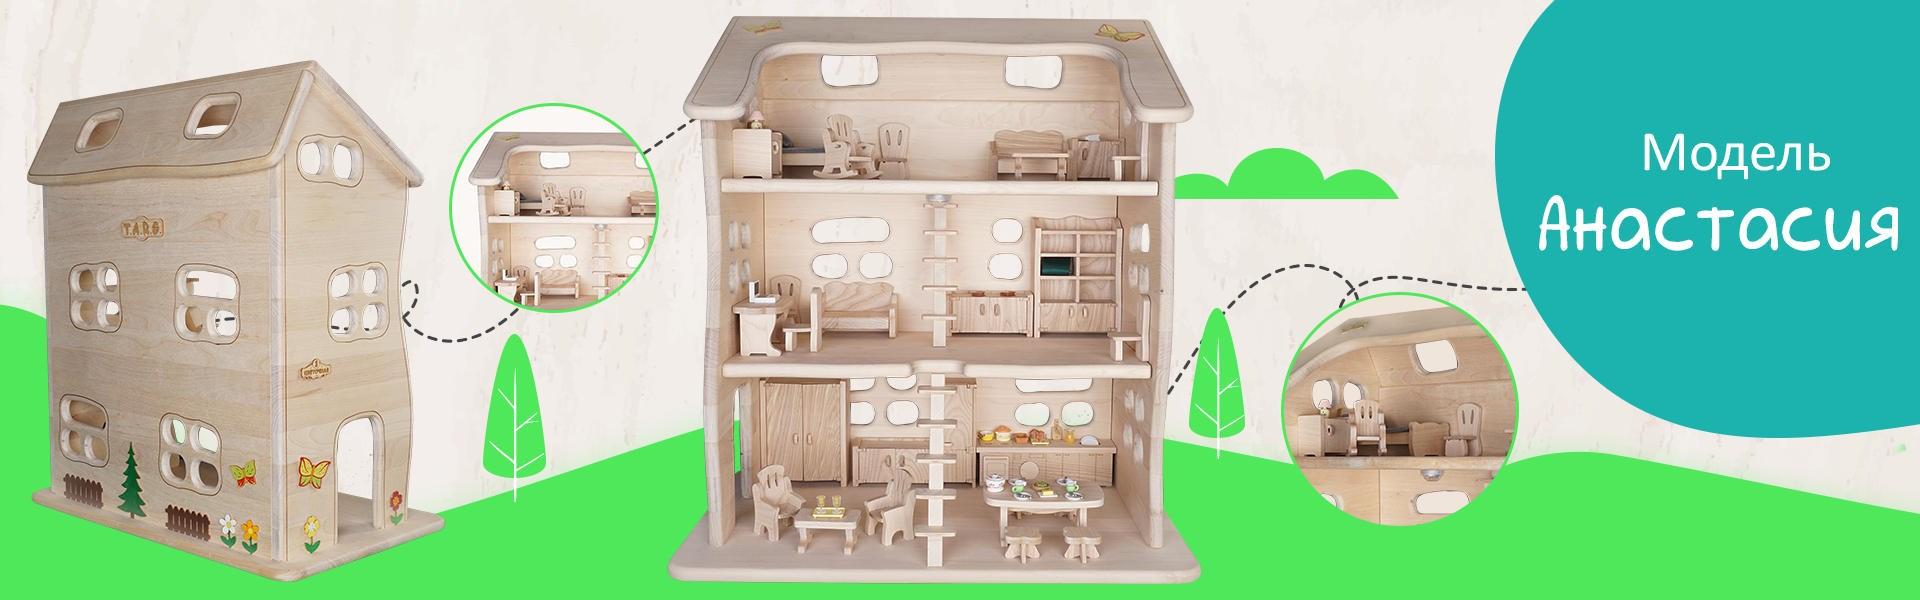 Кукольный домик АНАСТАСИЯ - фото 5185